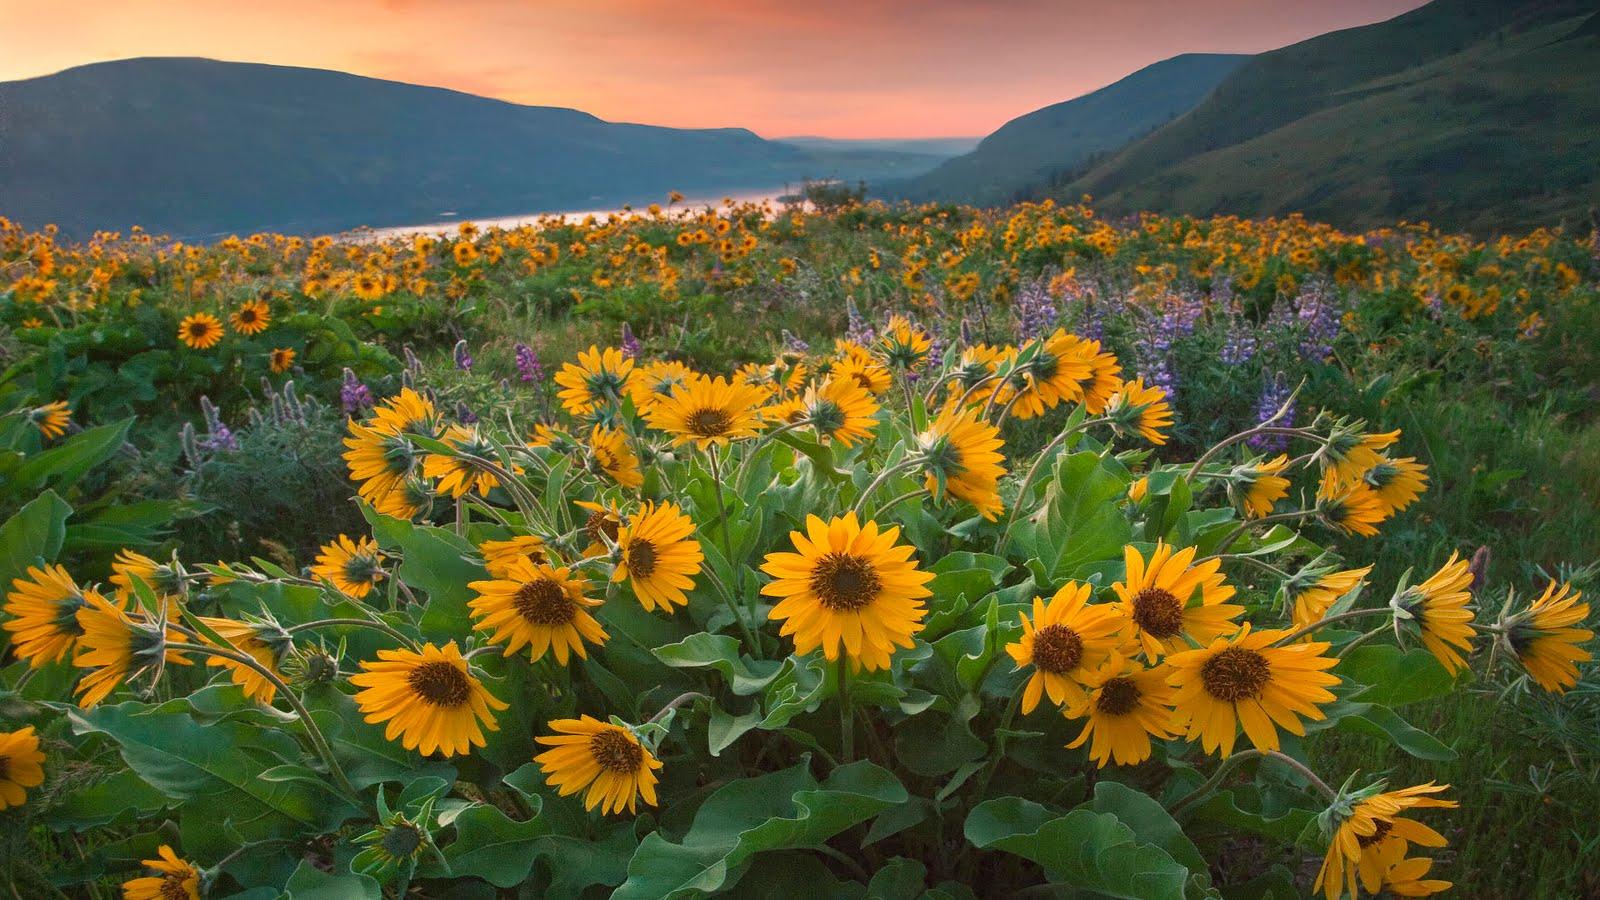 Idool jardines y flores 5 fotos para compartir en - Fotos de flores de jardin ...